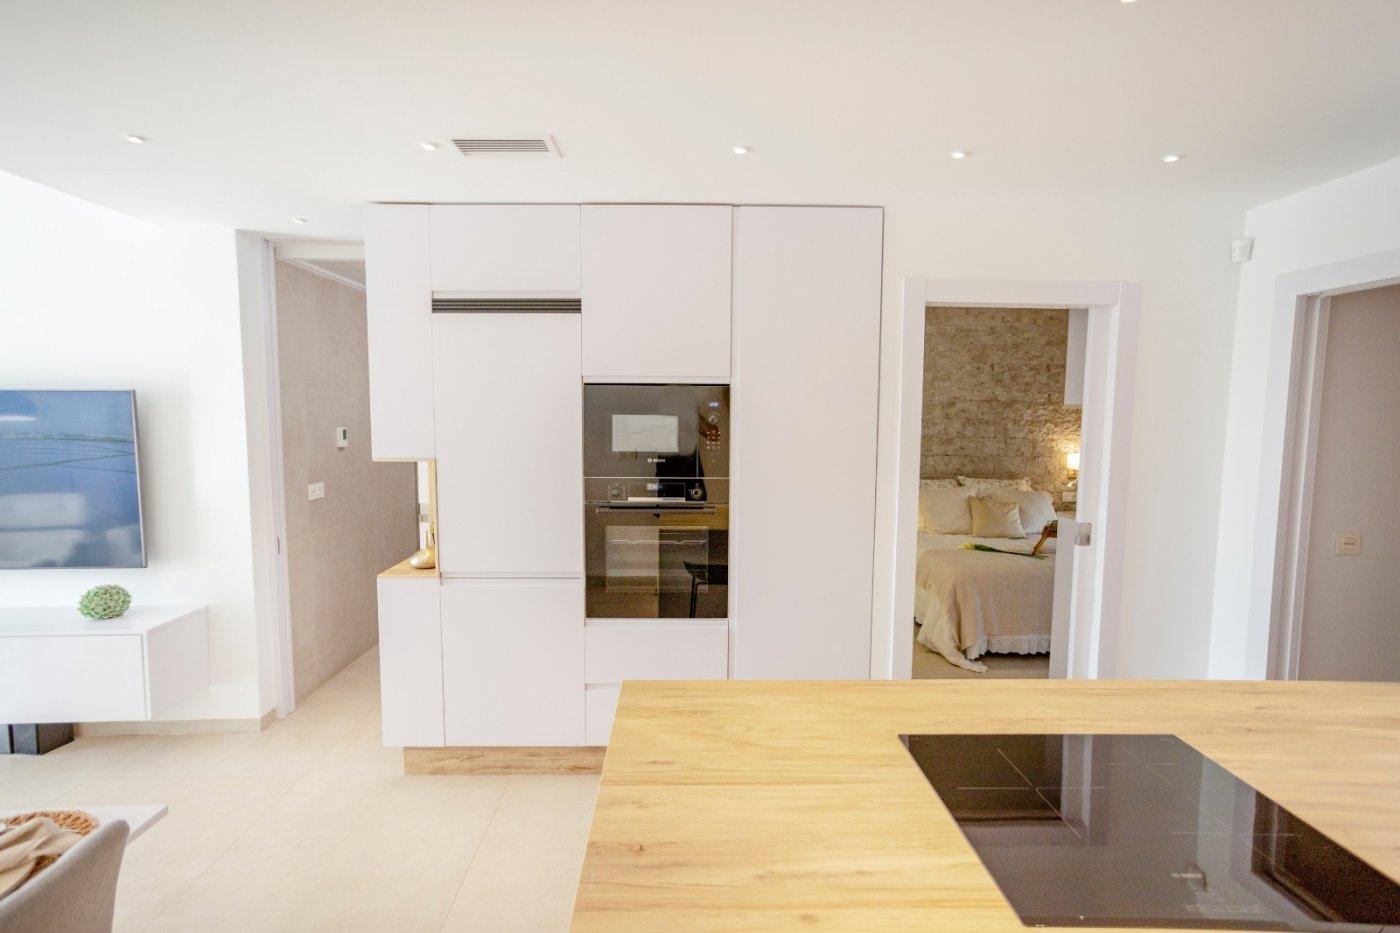 Apartamento moderno en san pedro del pinatar - imagenInmueble9